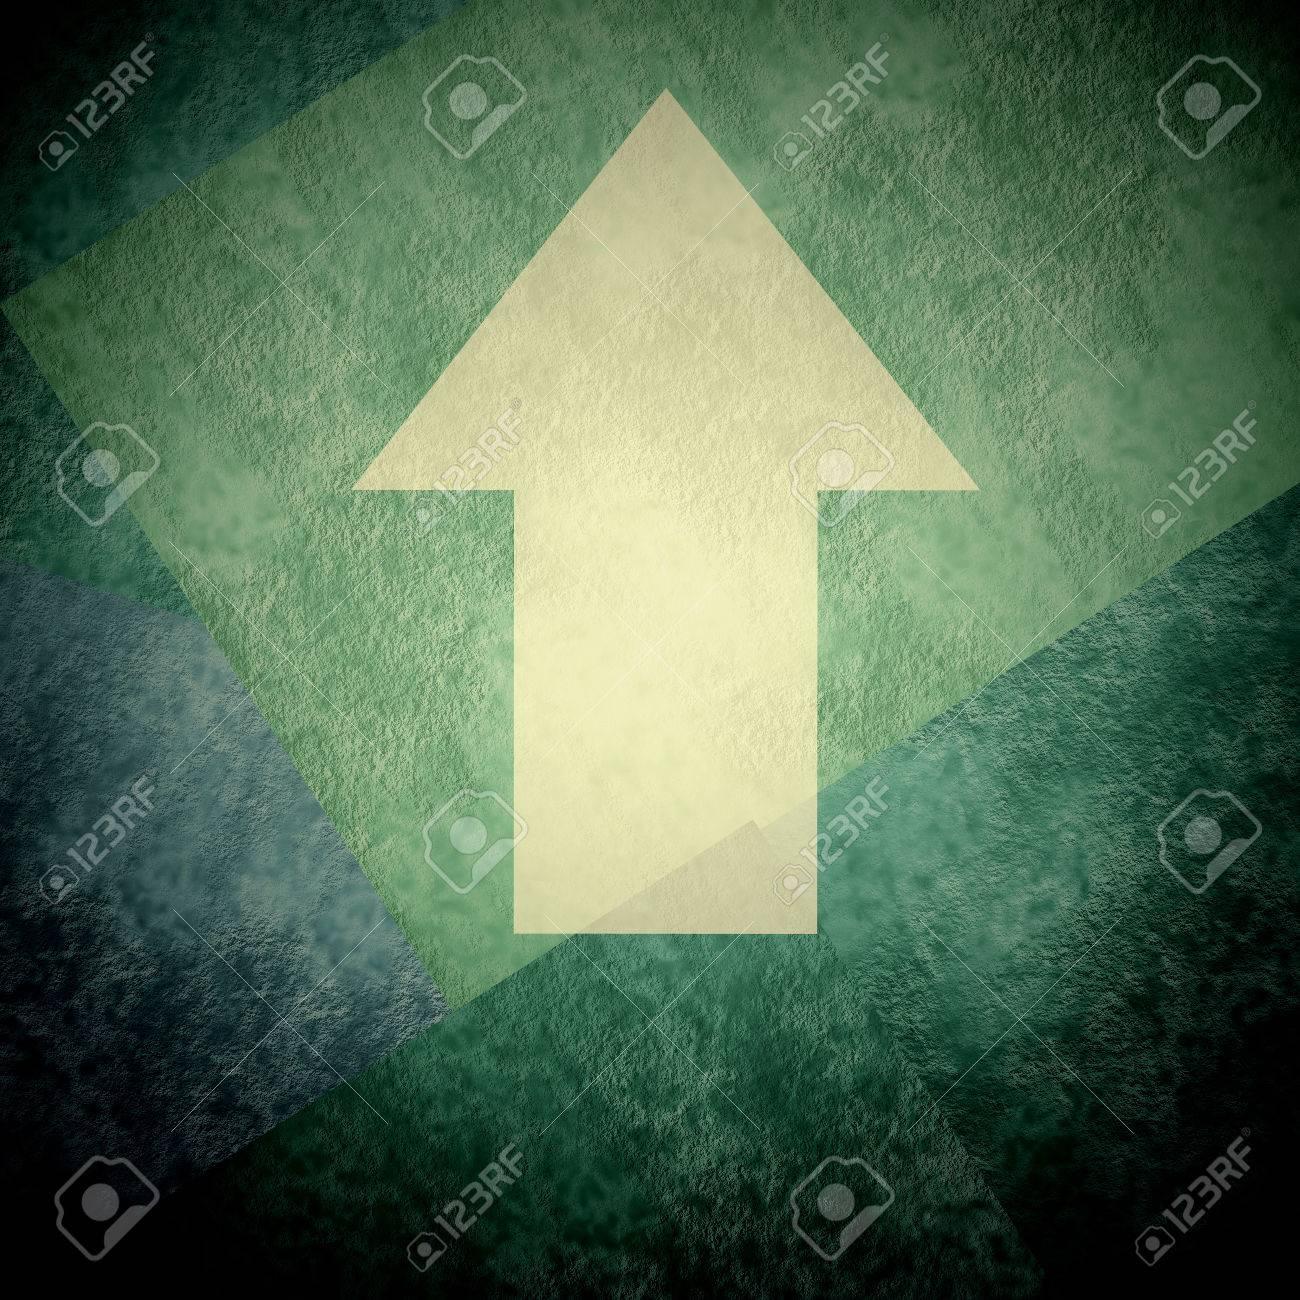 Dirección De La Flecha Hasta Firmar En Fondo Verde Sobre Fondo Verde ...